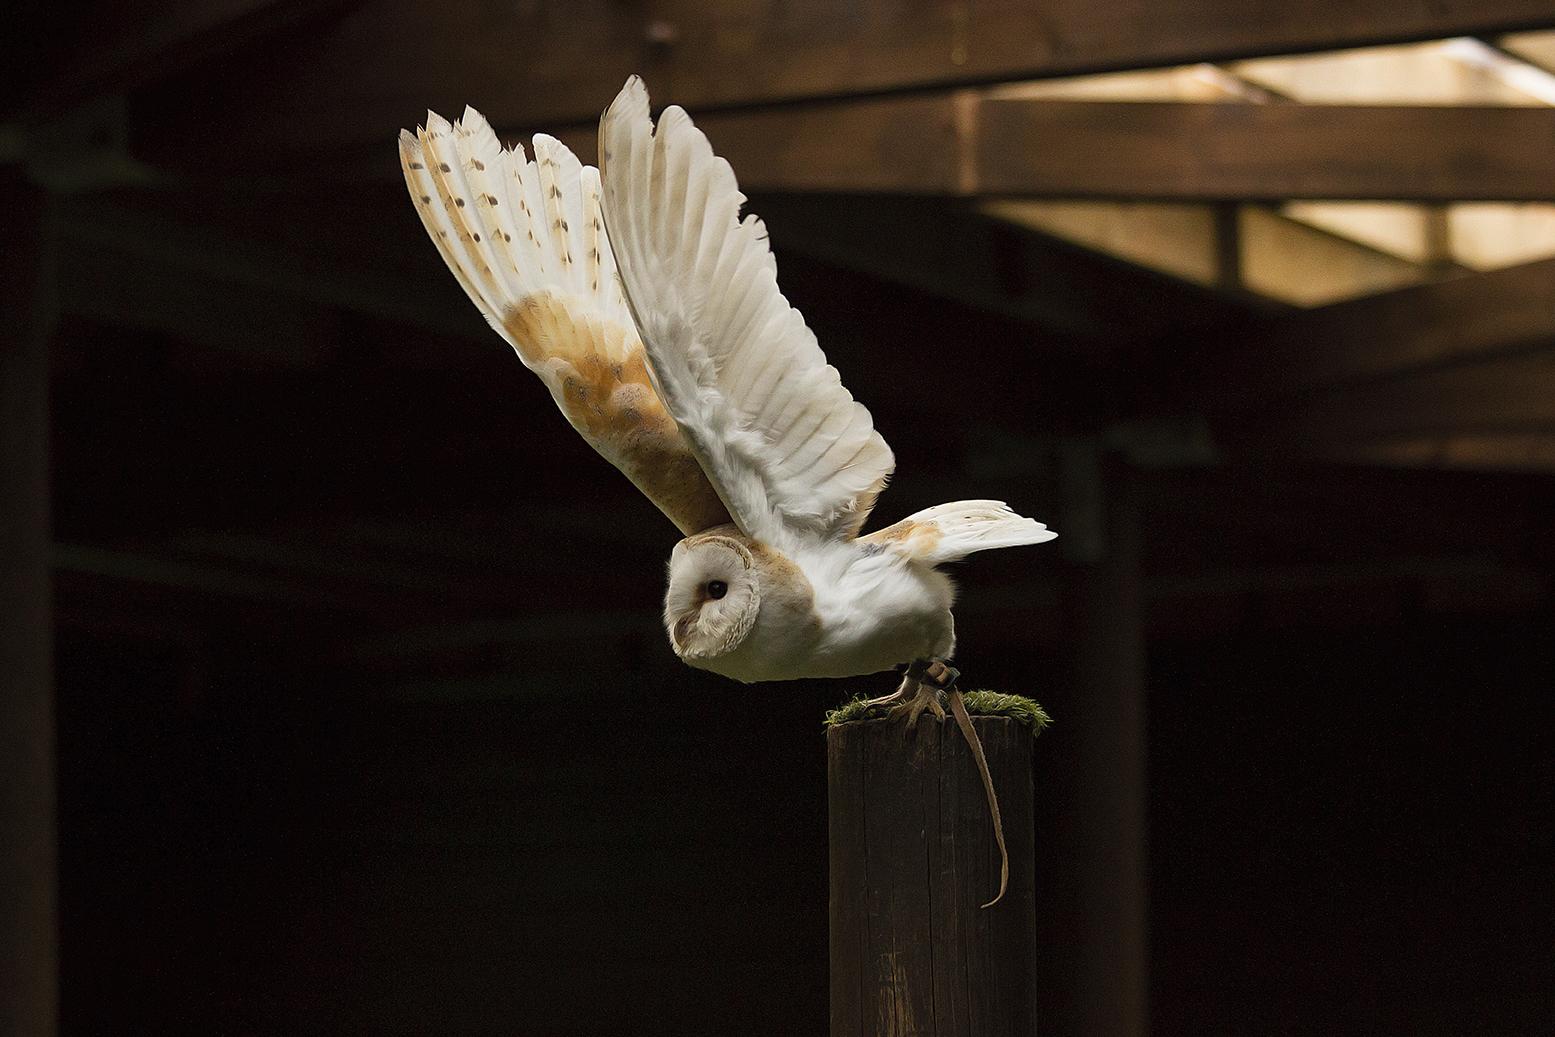 Owl9 lowres.jpg